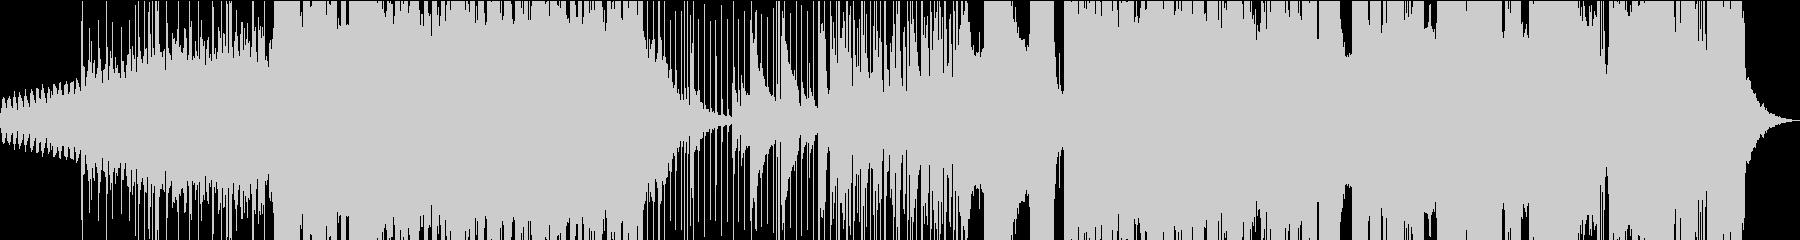 モダンな音使いの情報量多めメタルサウンドの未再生の波形